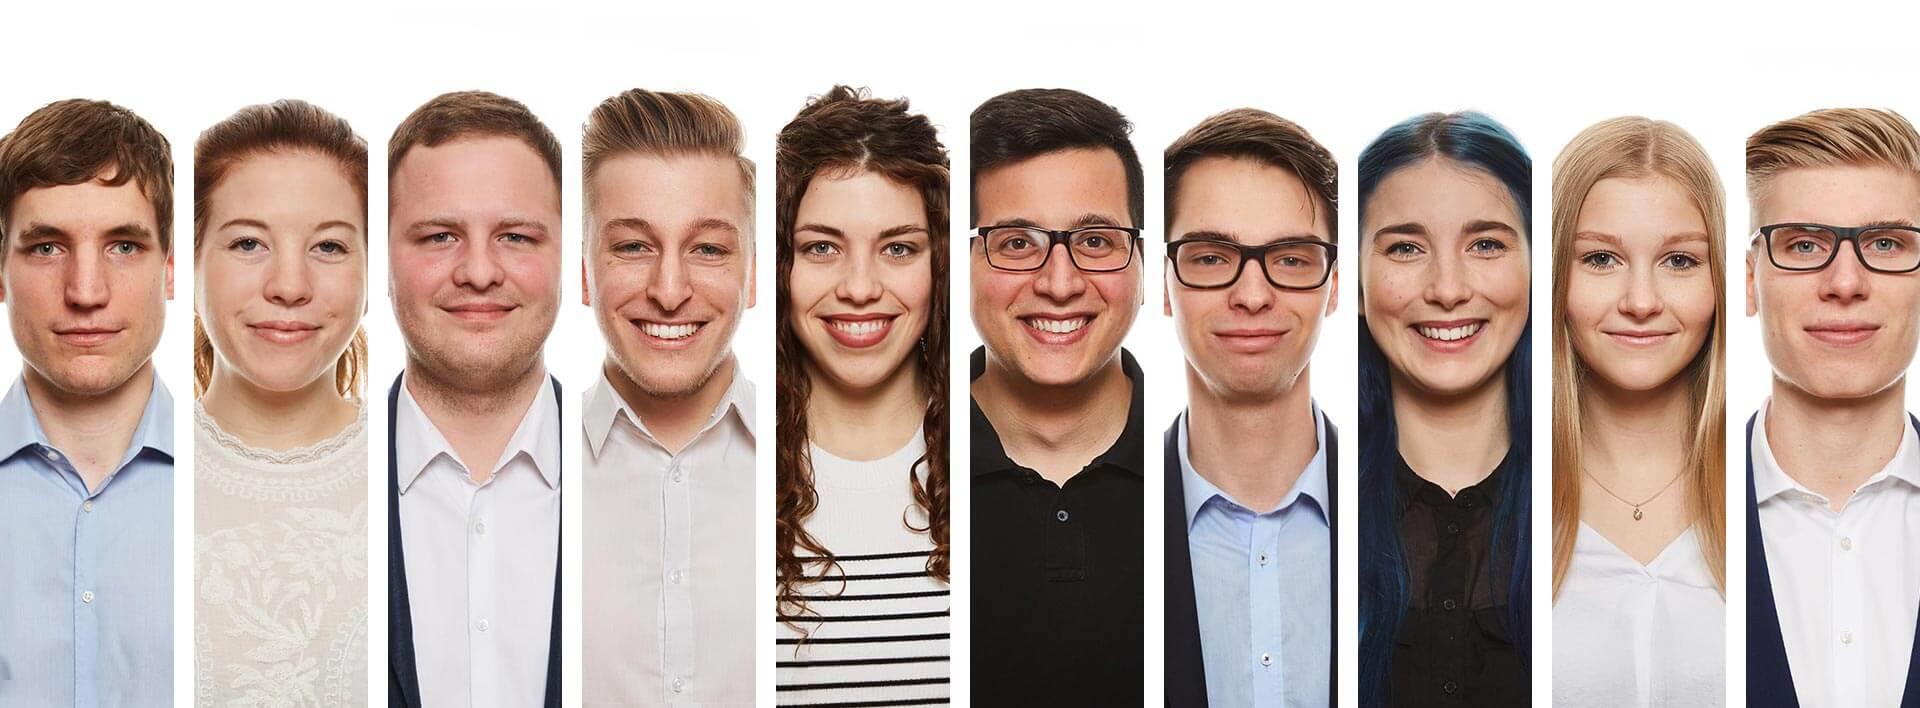 Werbeagentur AWEOS - Unser Team